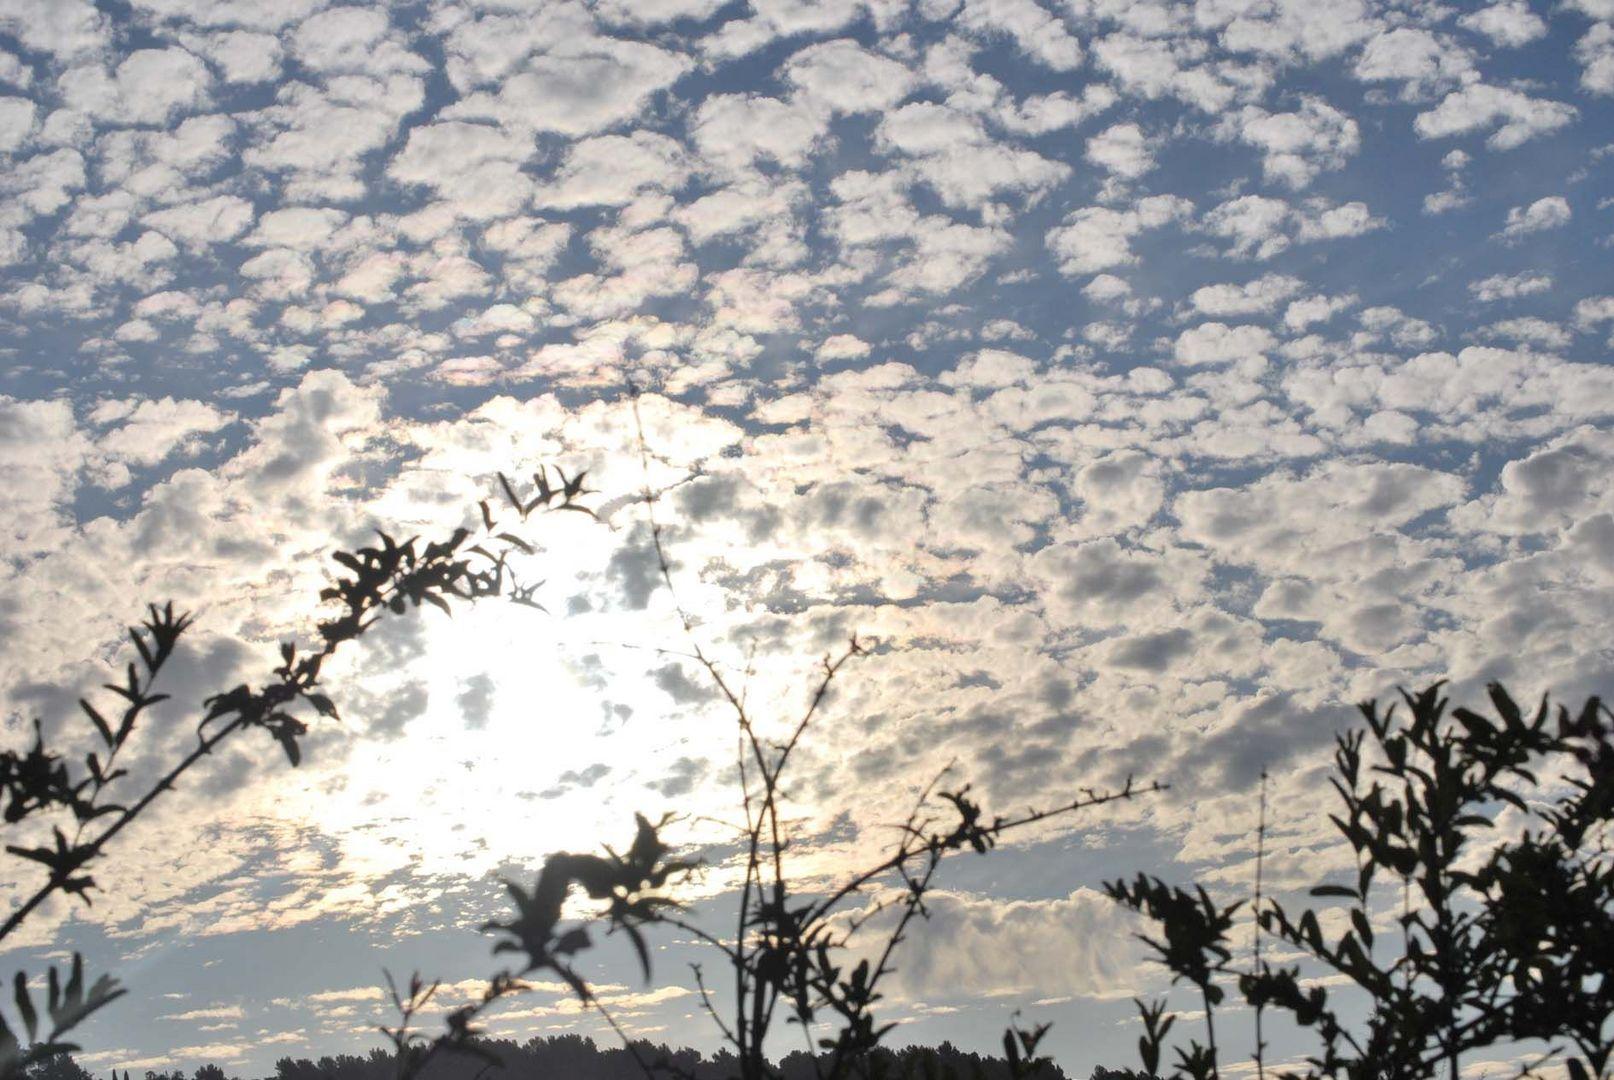 Le soleil se leve sur les hauteurs de Nice, mais le ciel est voilé.